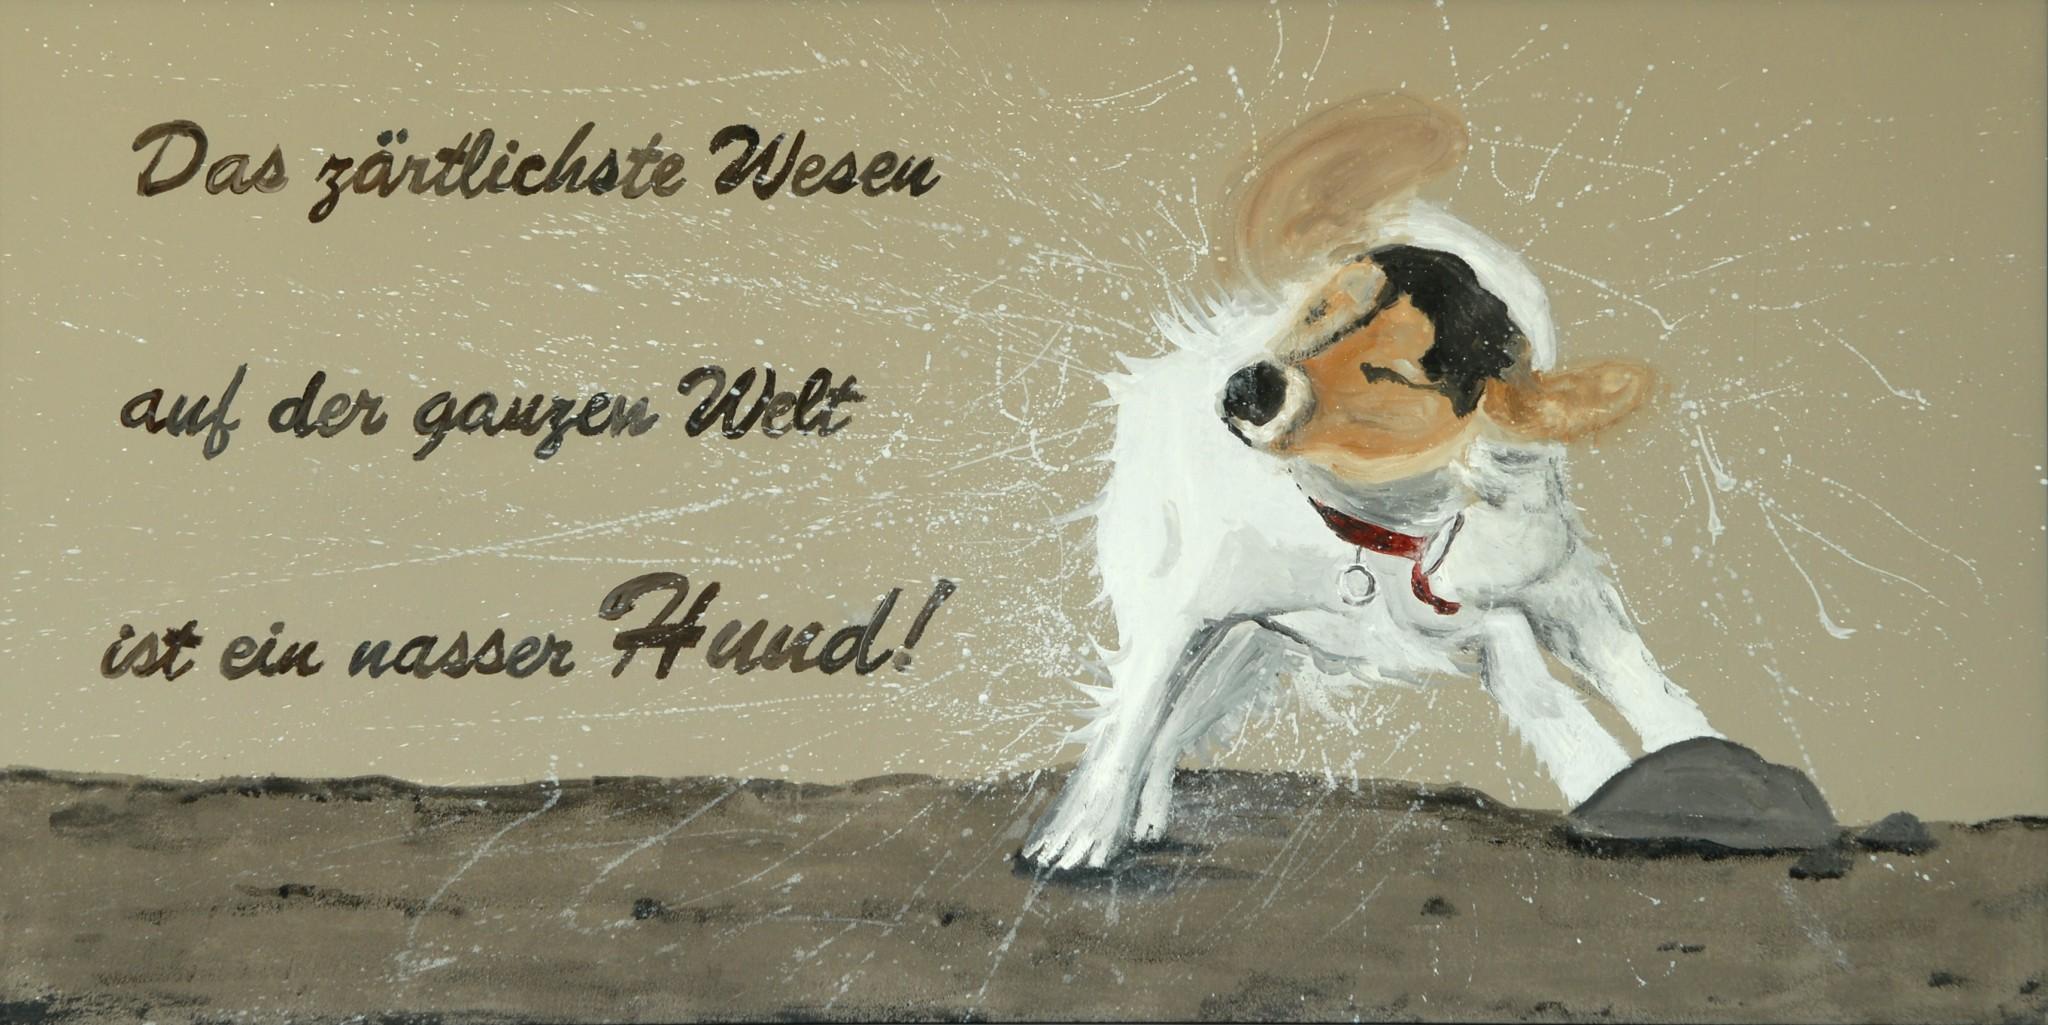 Wet Dog, 2012, Acryl/Öl/Sand/Holz, 140 x 75 cm